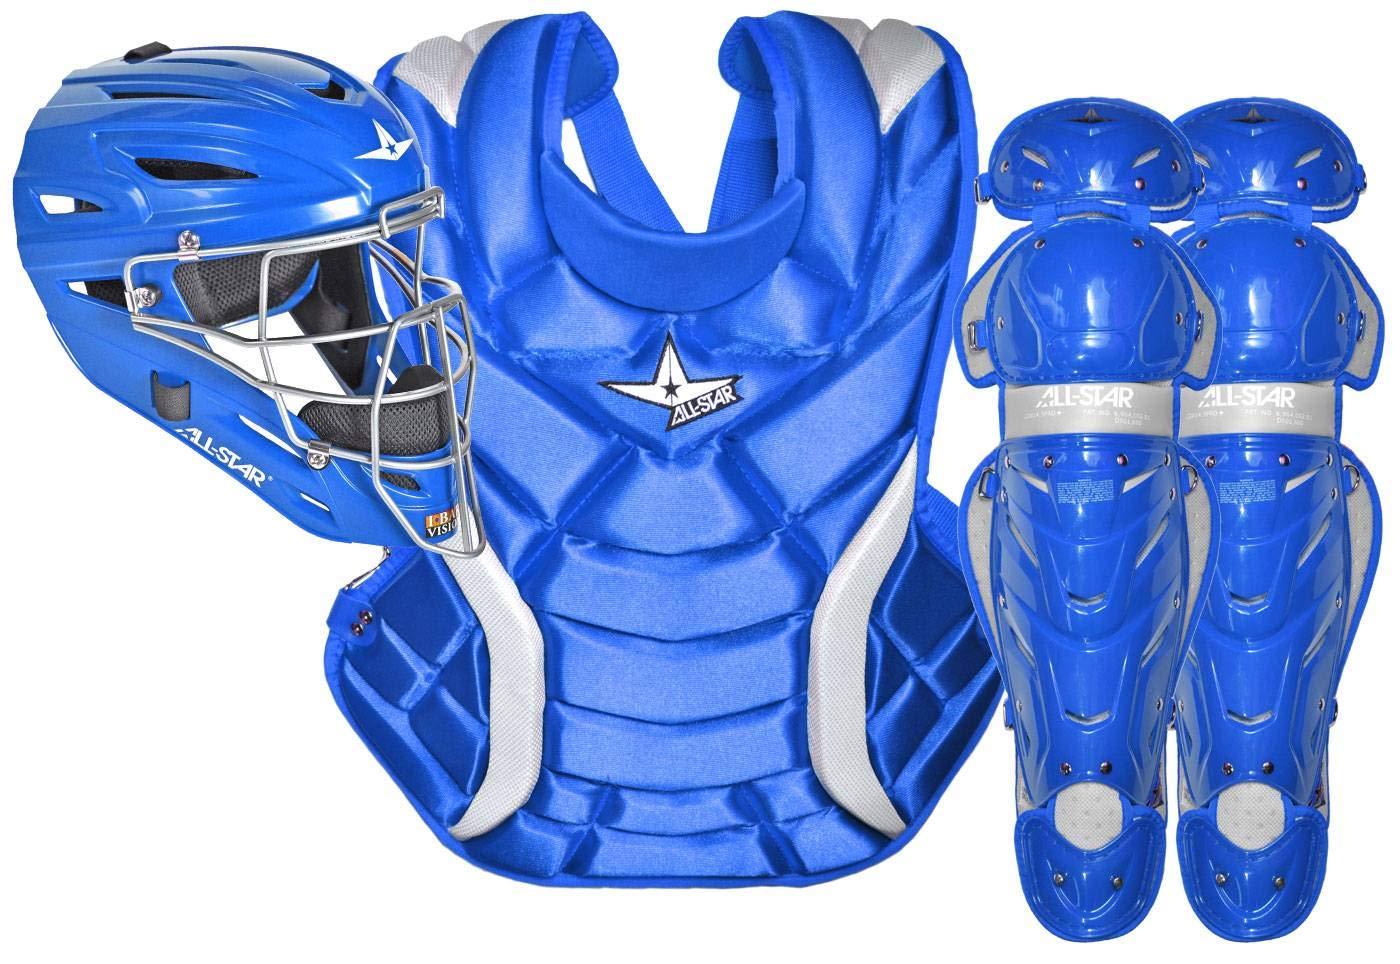 All-Star Vela Pro 14.5'' Fastpitch Catcher's Set